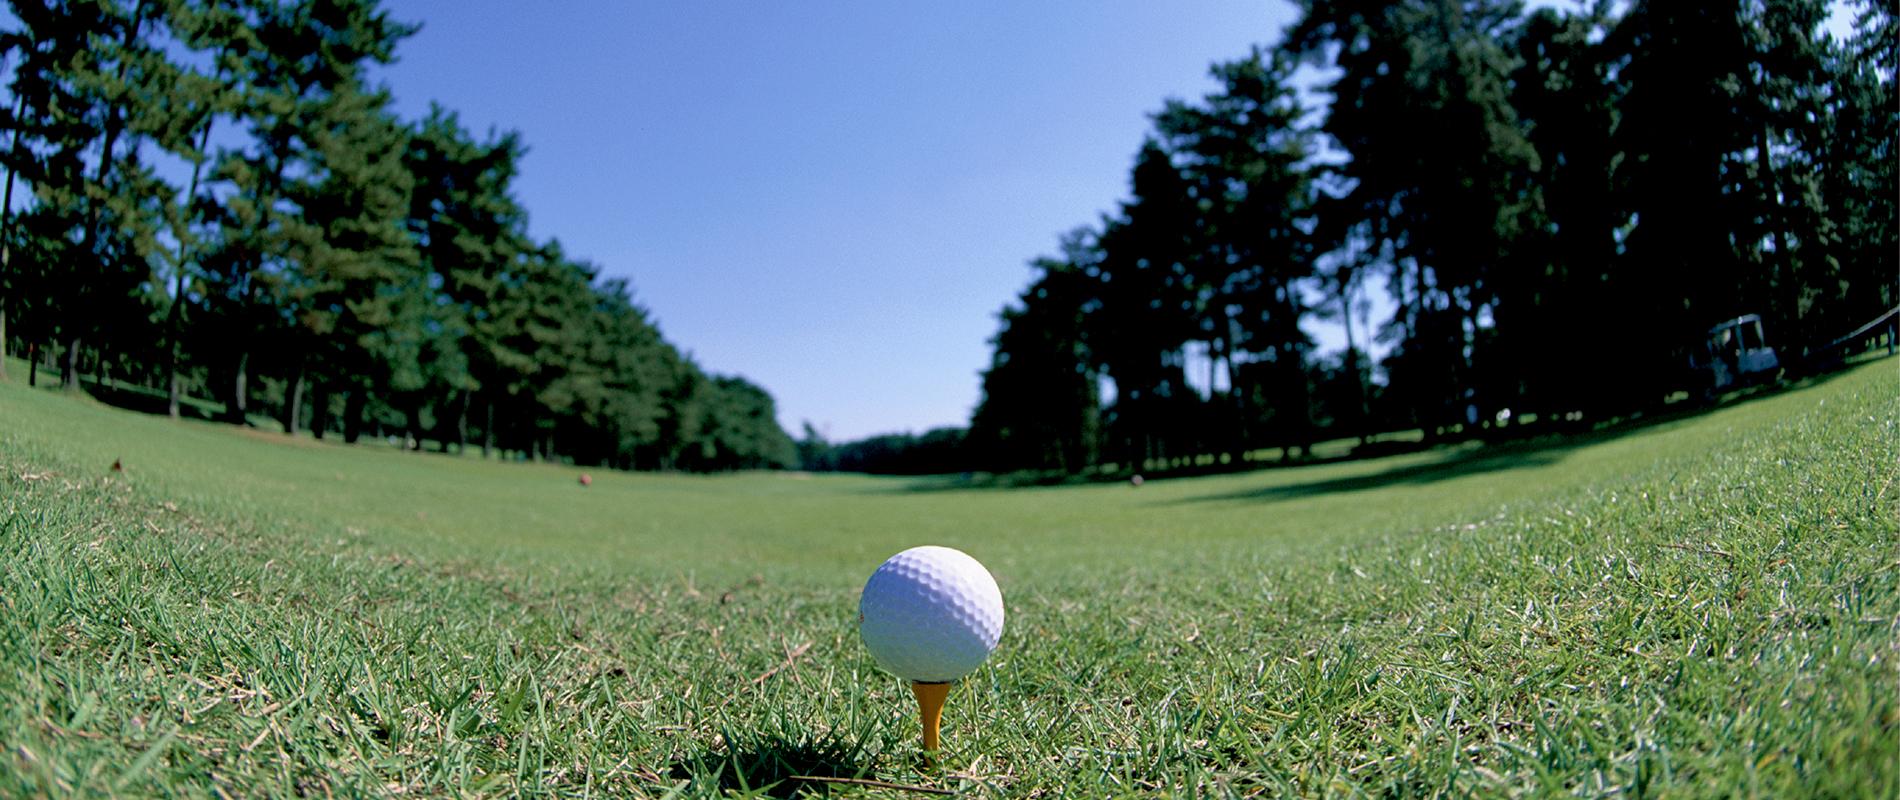 愛犬と行く貸し切りリゾートゴルフ